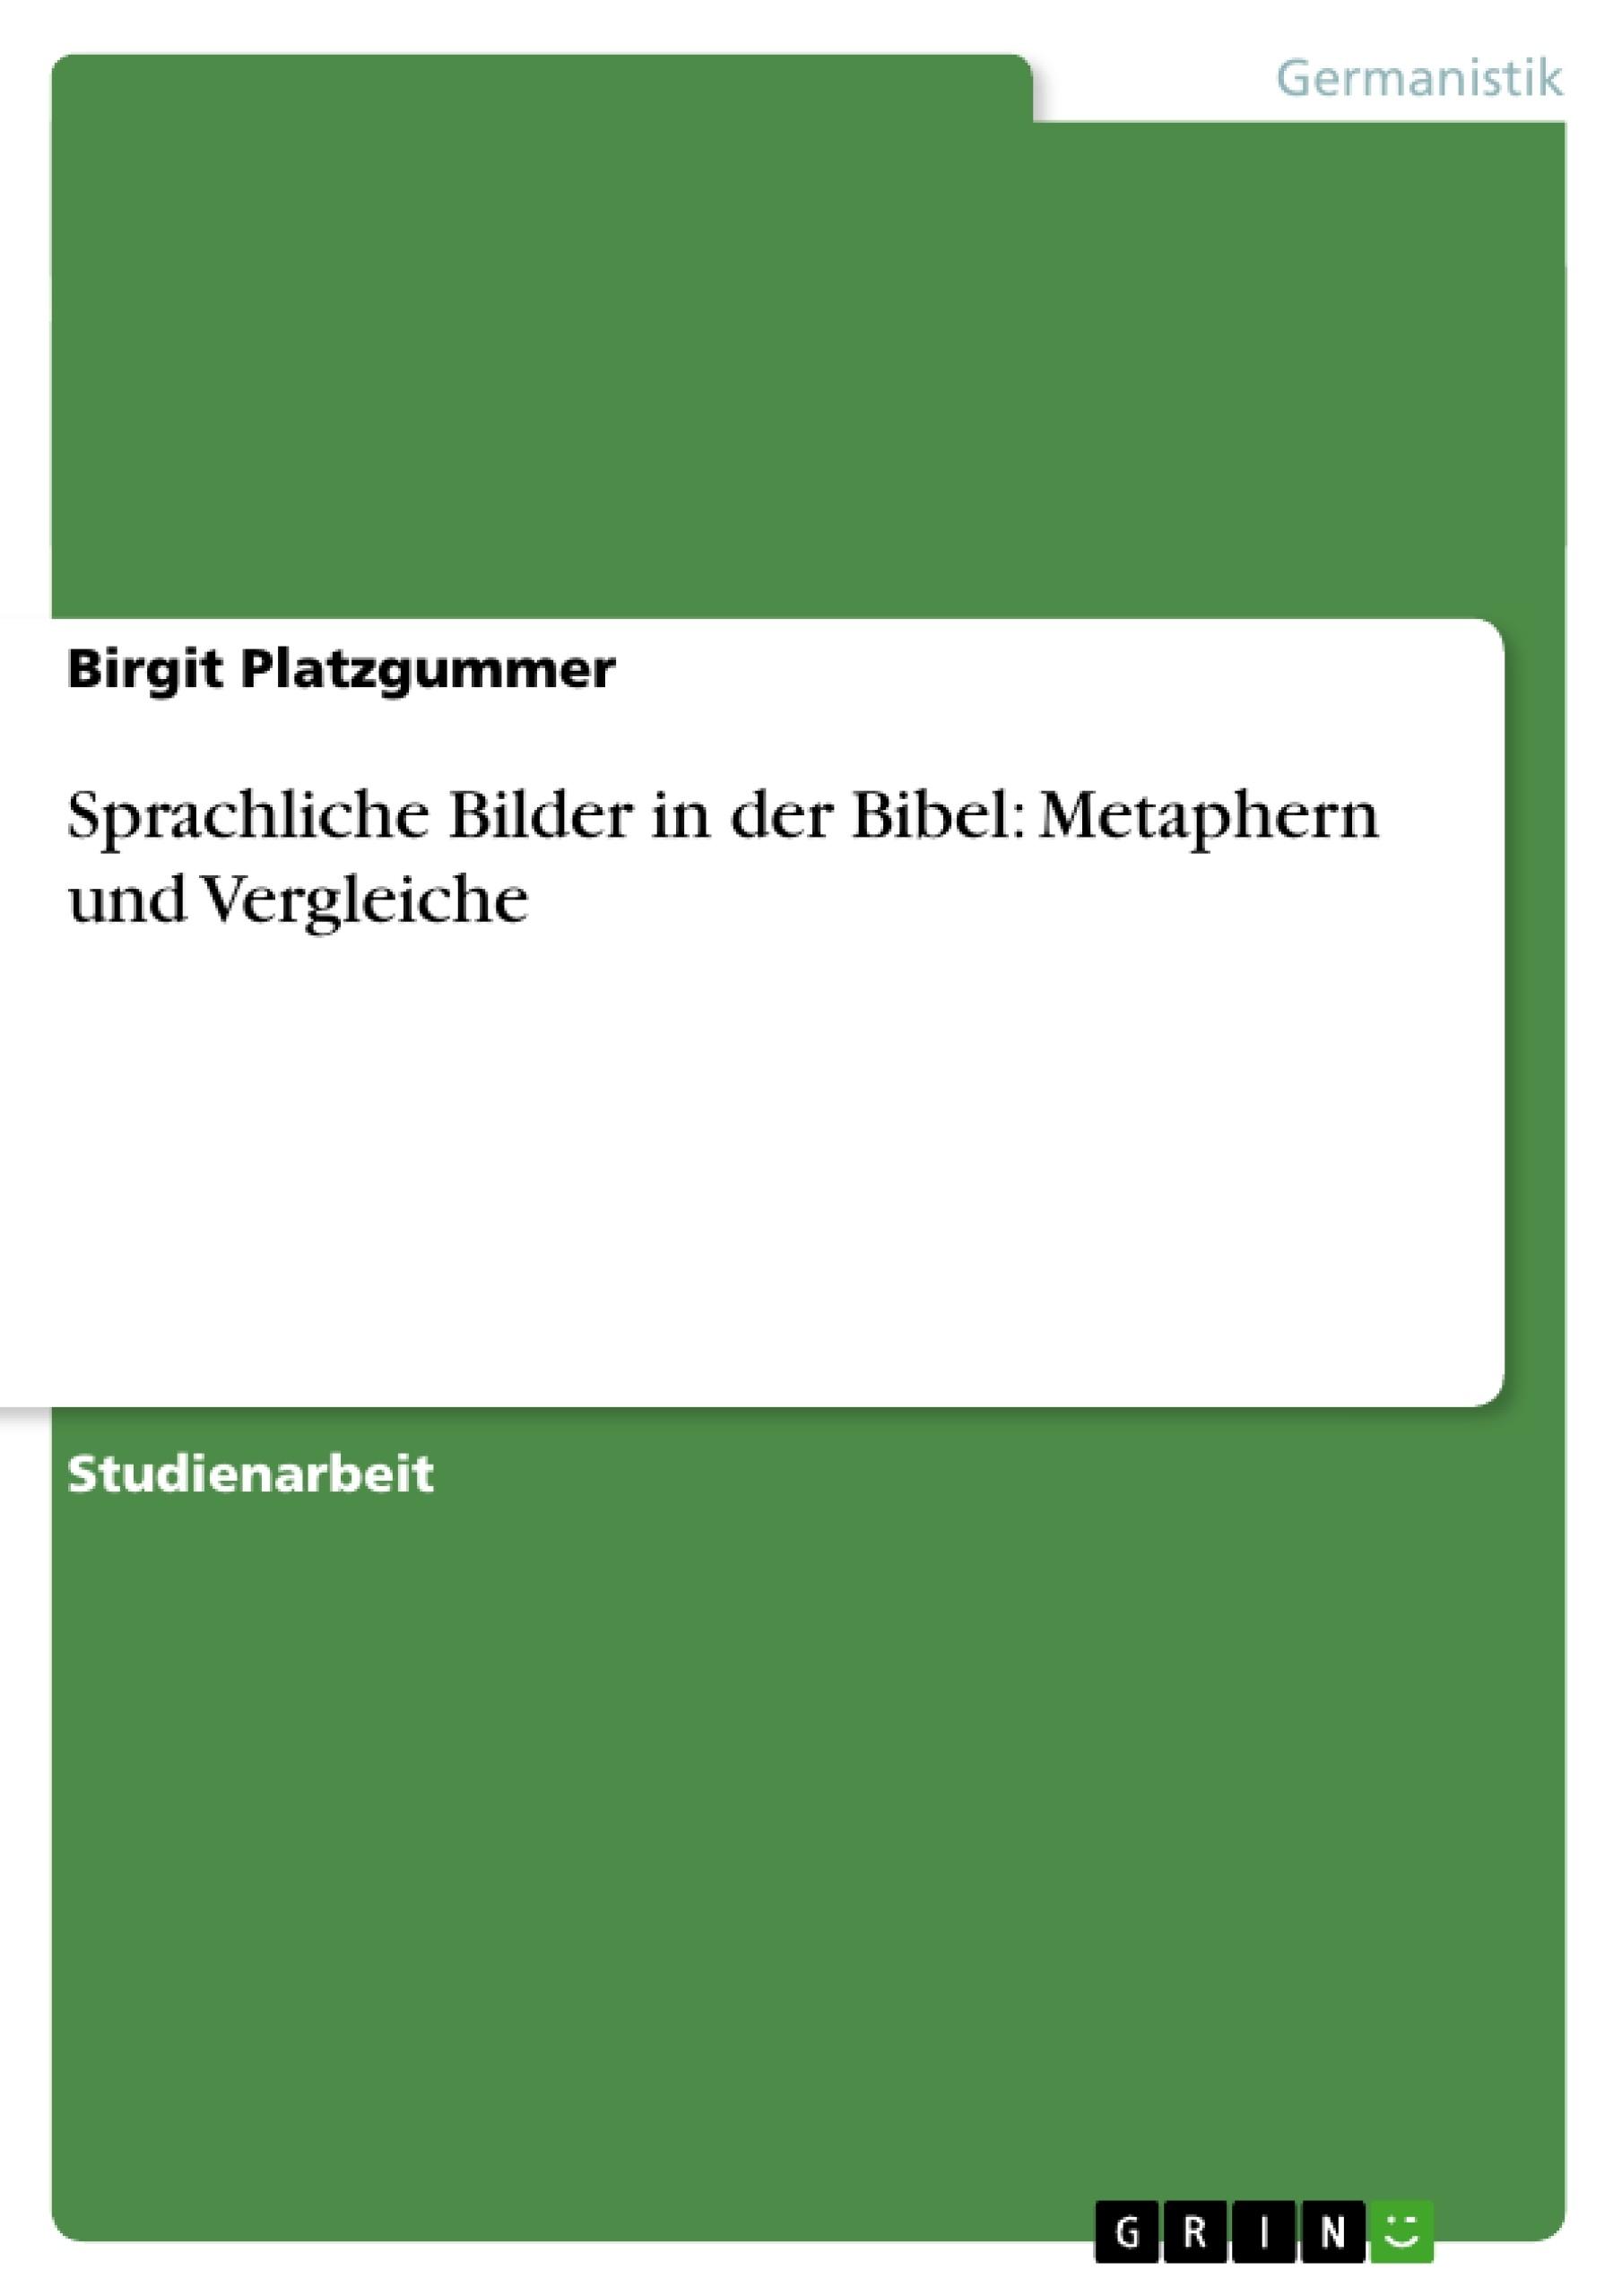 Titel: Sprachliche Bilder in der Bibel: Metaphern und Vergleiche